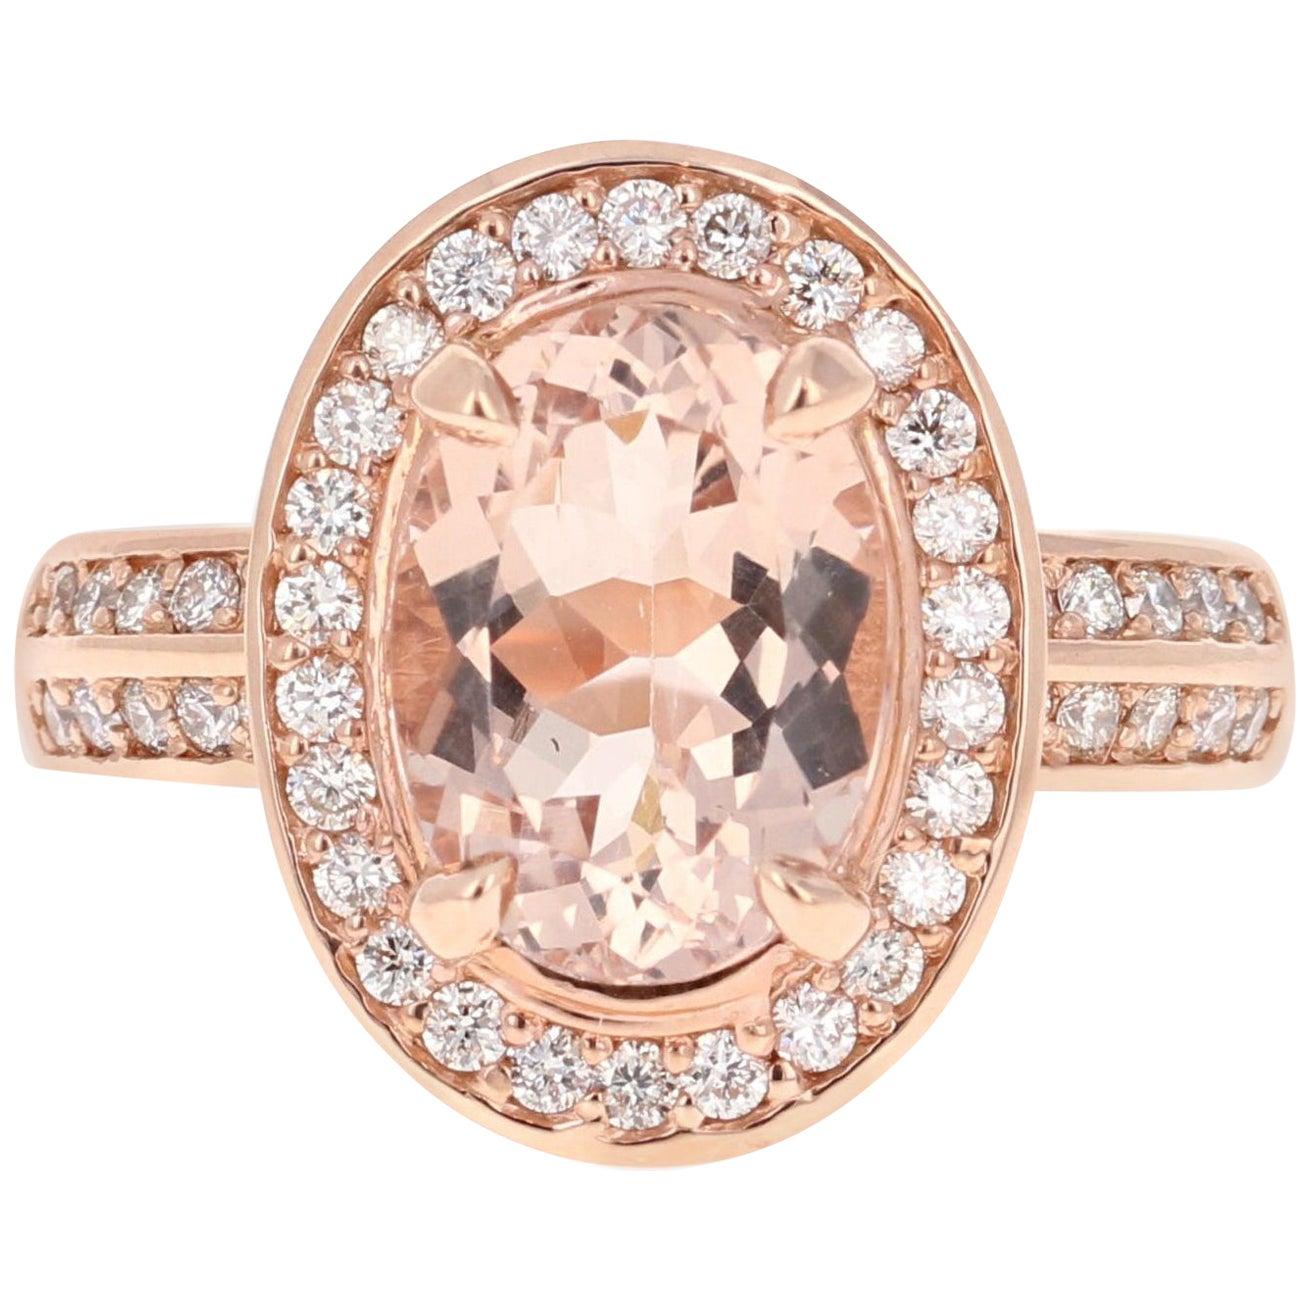 3.68 Carat Morganite Diamond 14 Karat White Rose Cocktail Ring